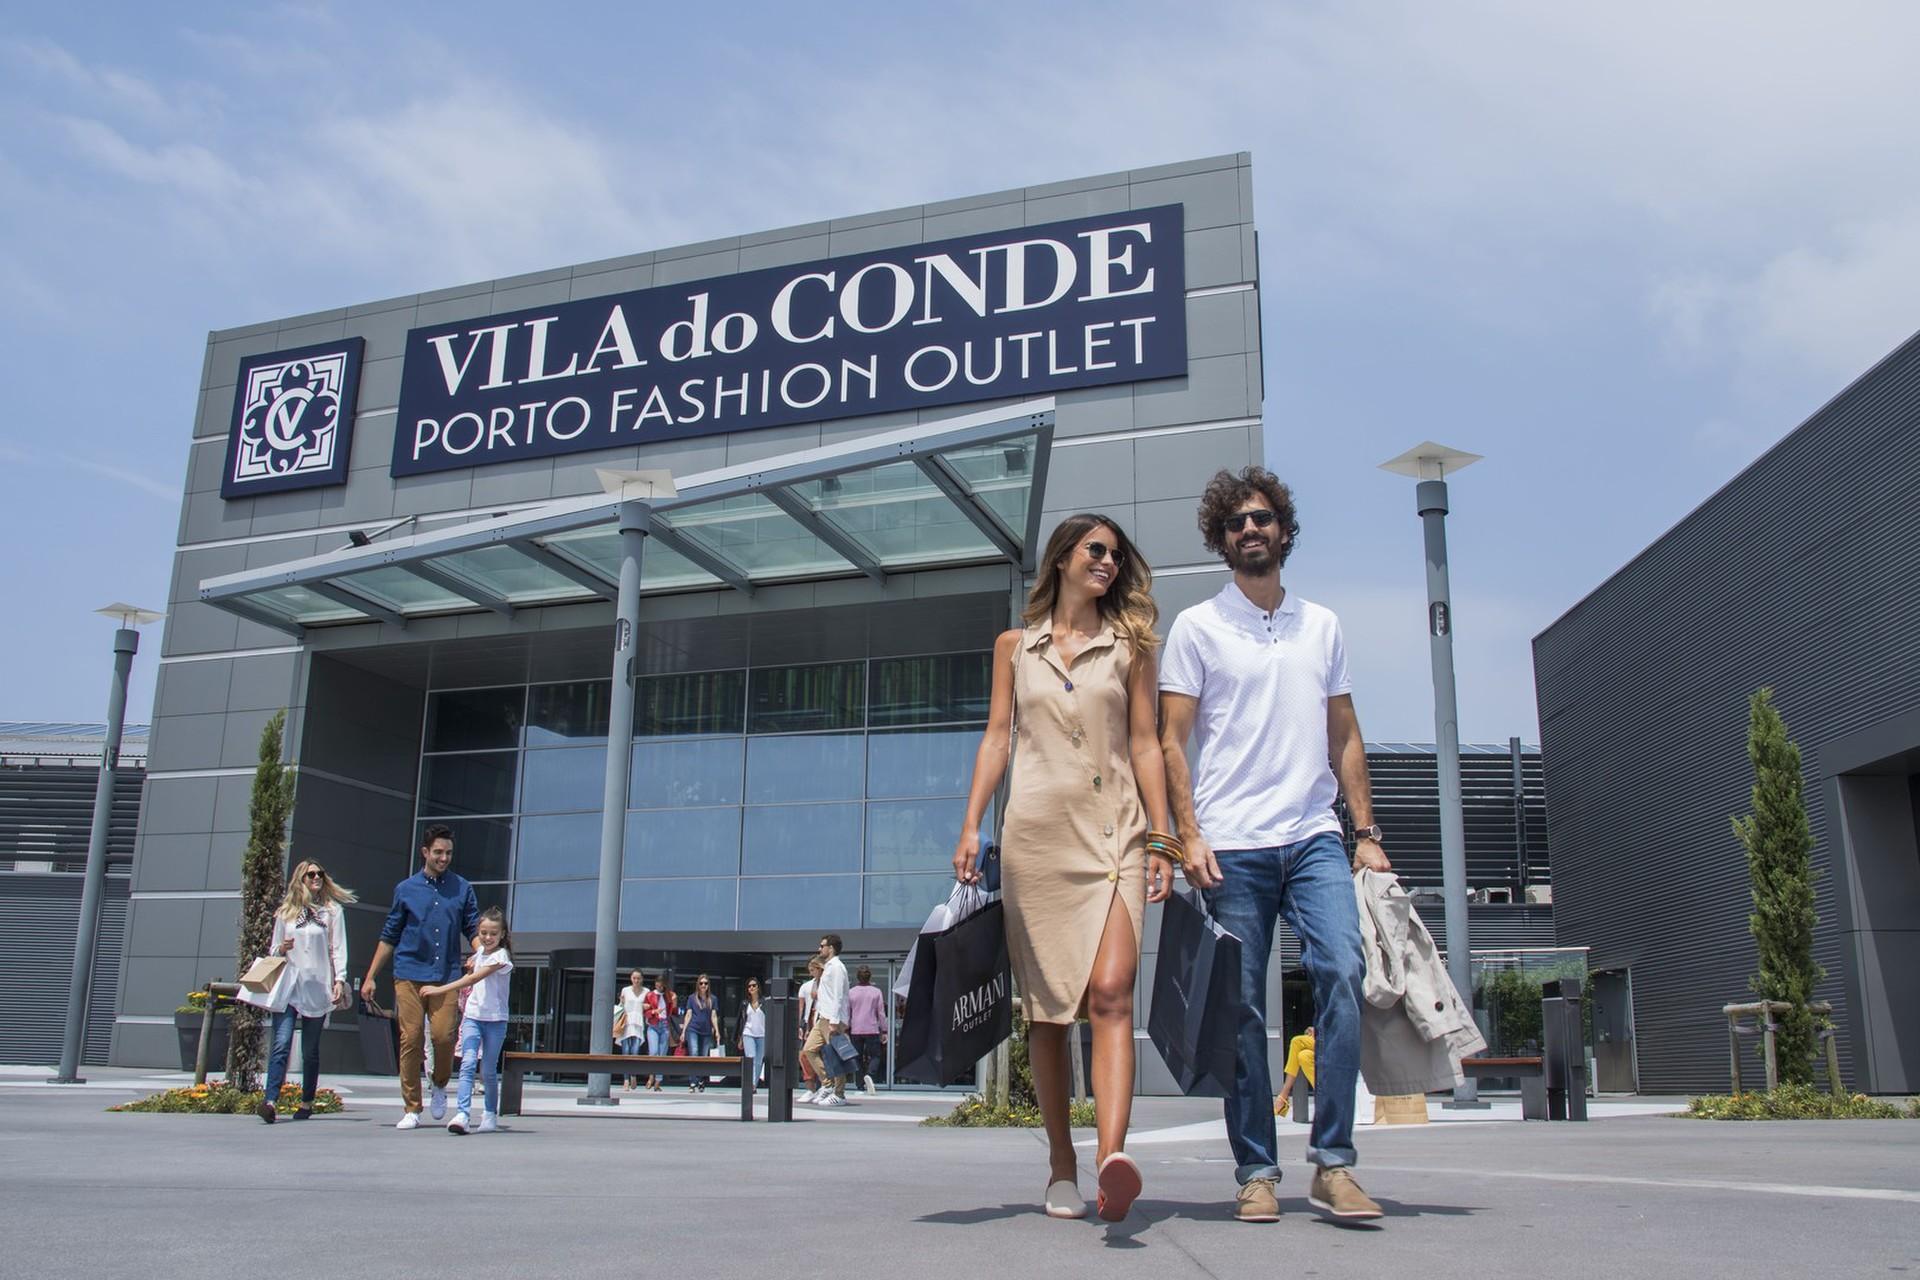 bolso Dental acortar  Vila do Conde Porto Fashion Outlet - VIA Outlets